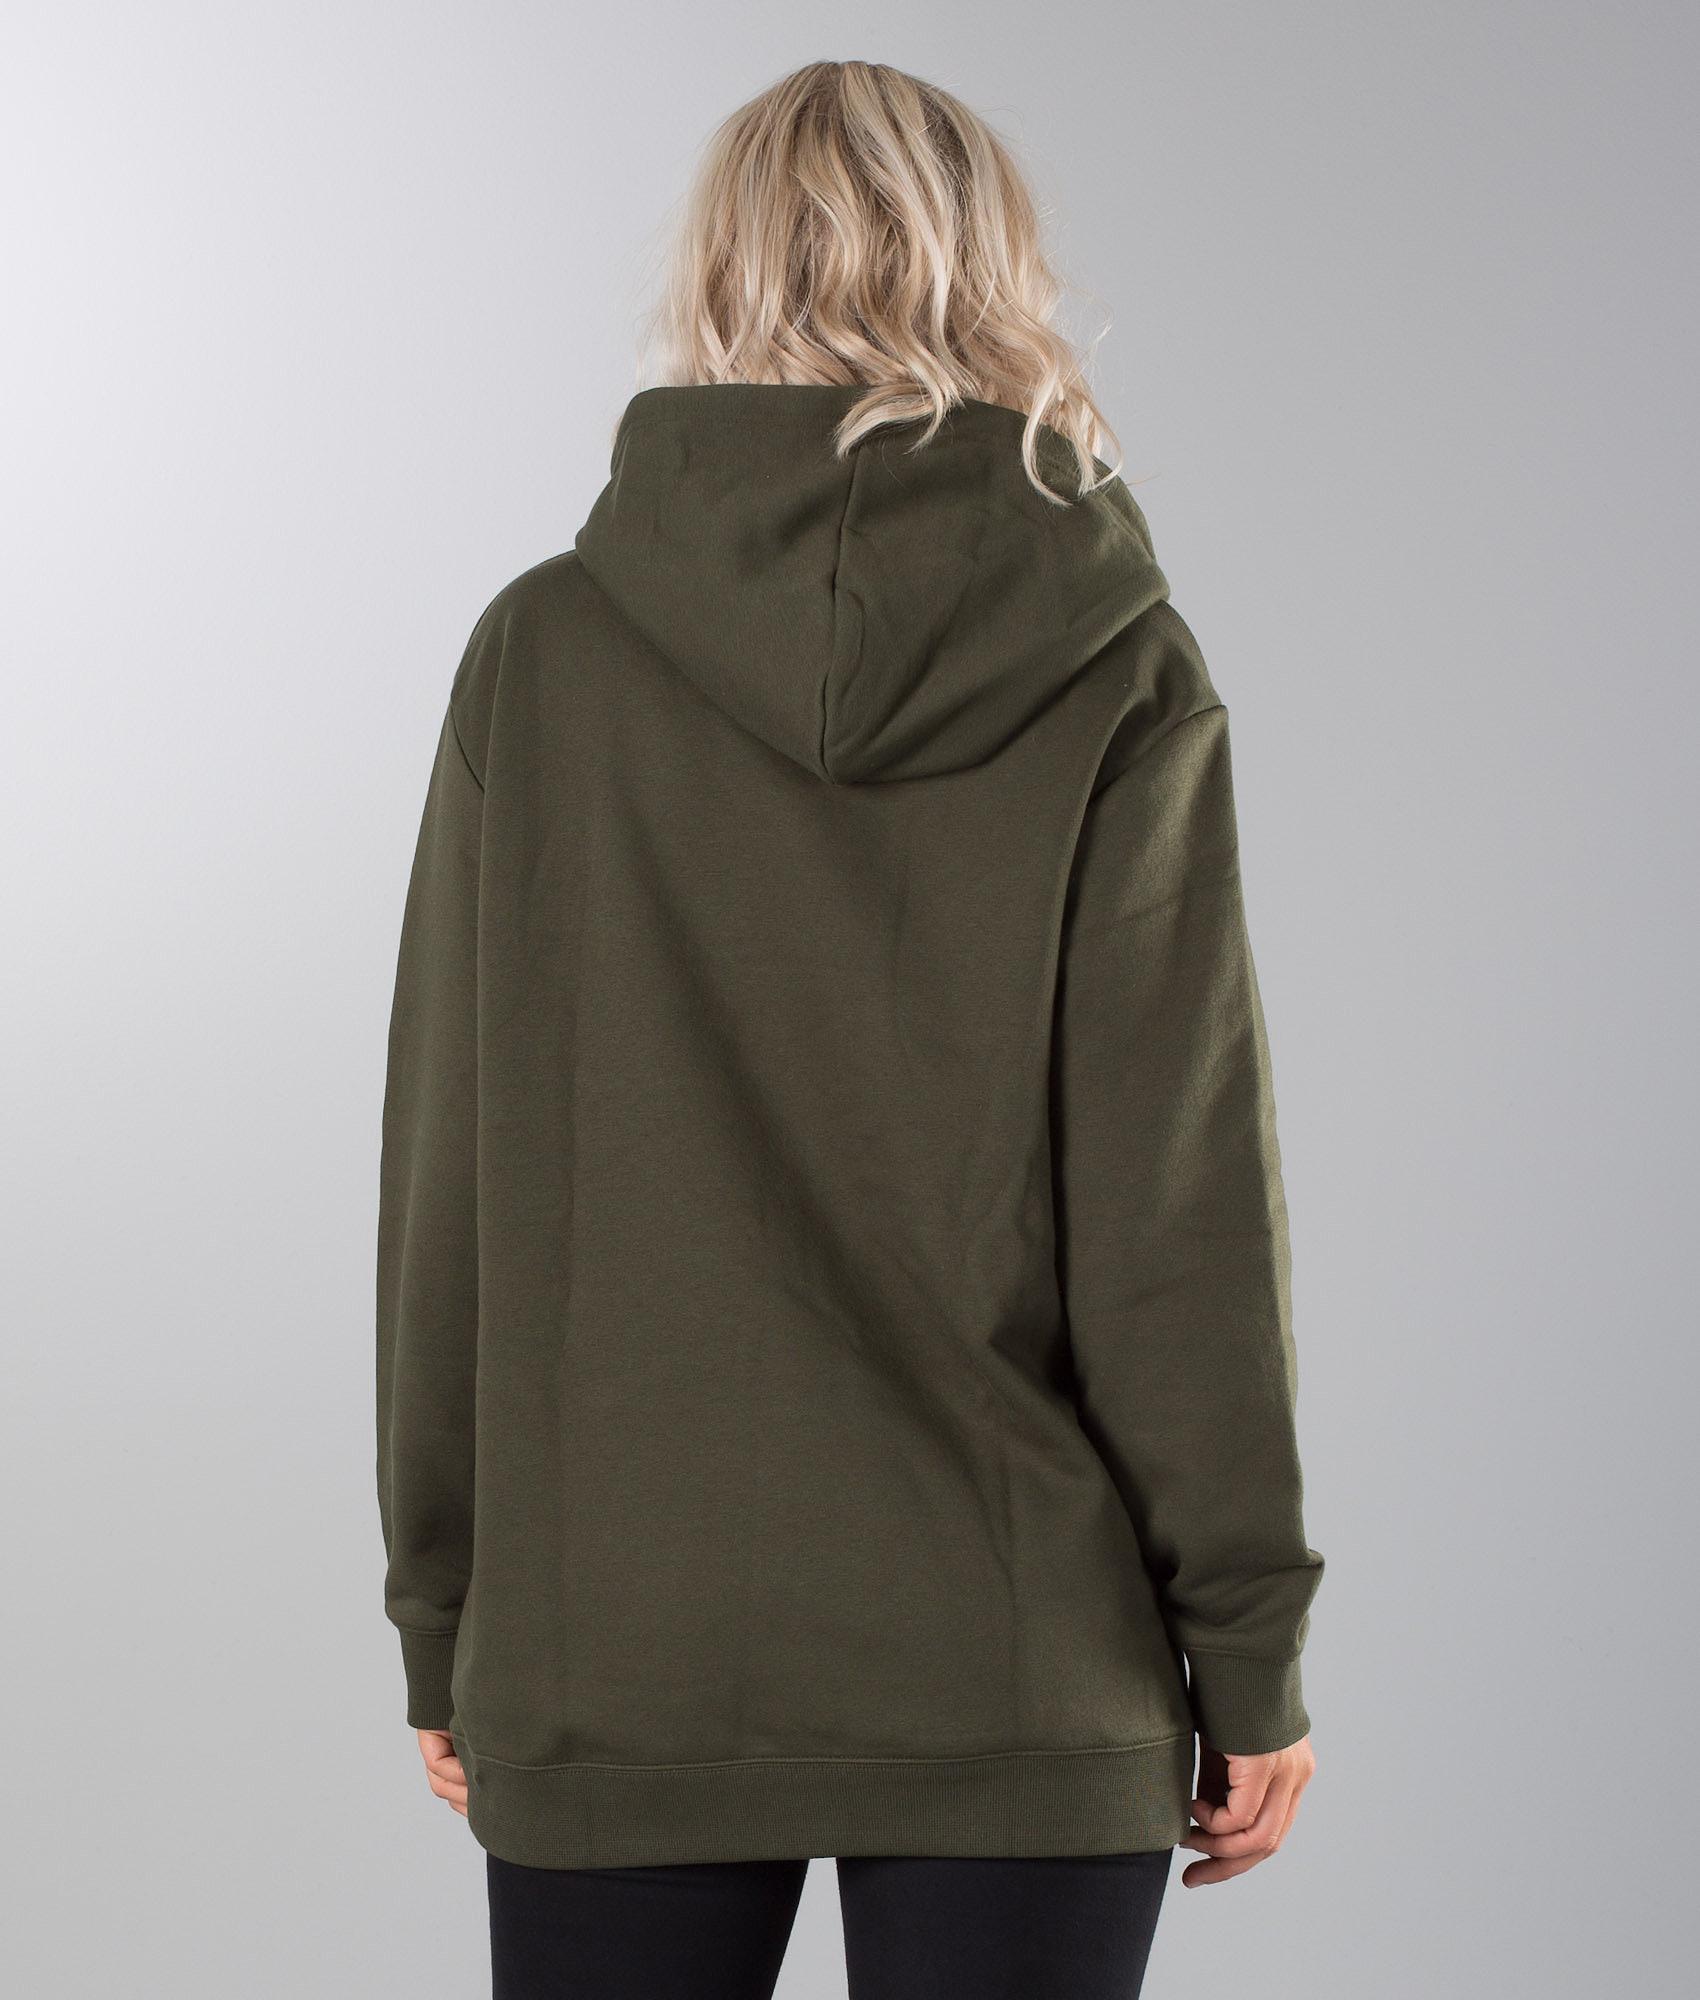 Adidas Originals Boyfriend Trefoil Hood Night Cargo - Ridestore.com 770ab535e4